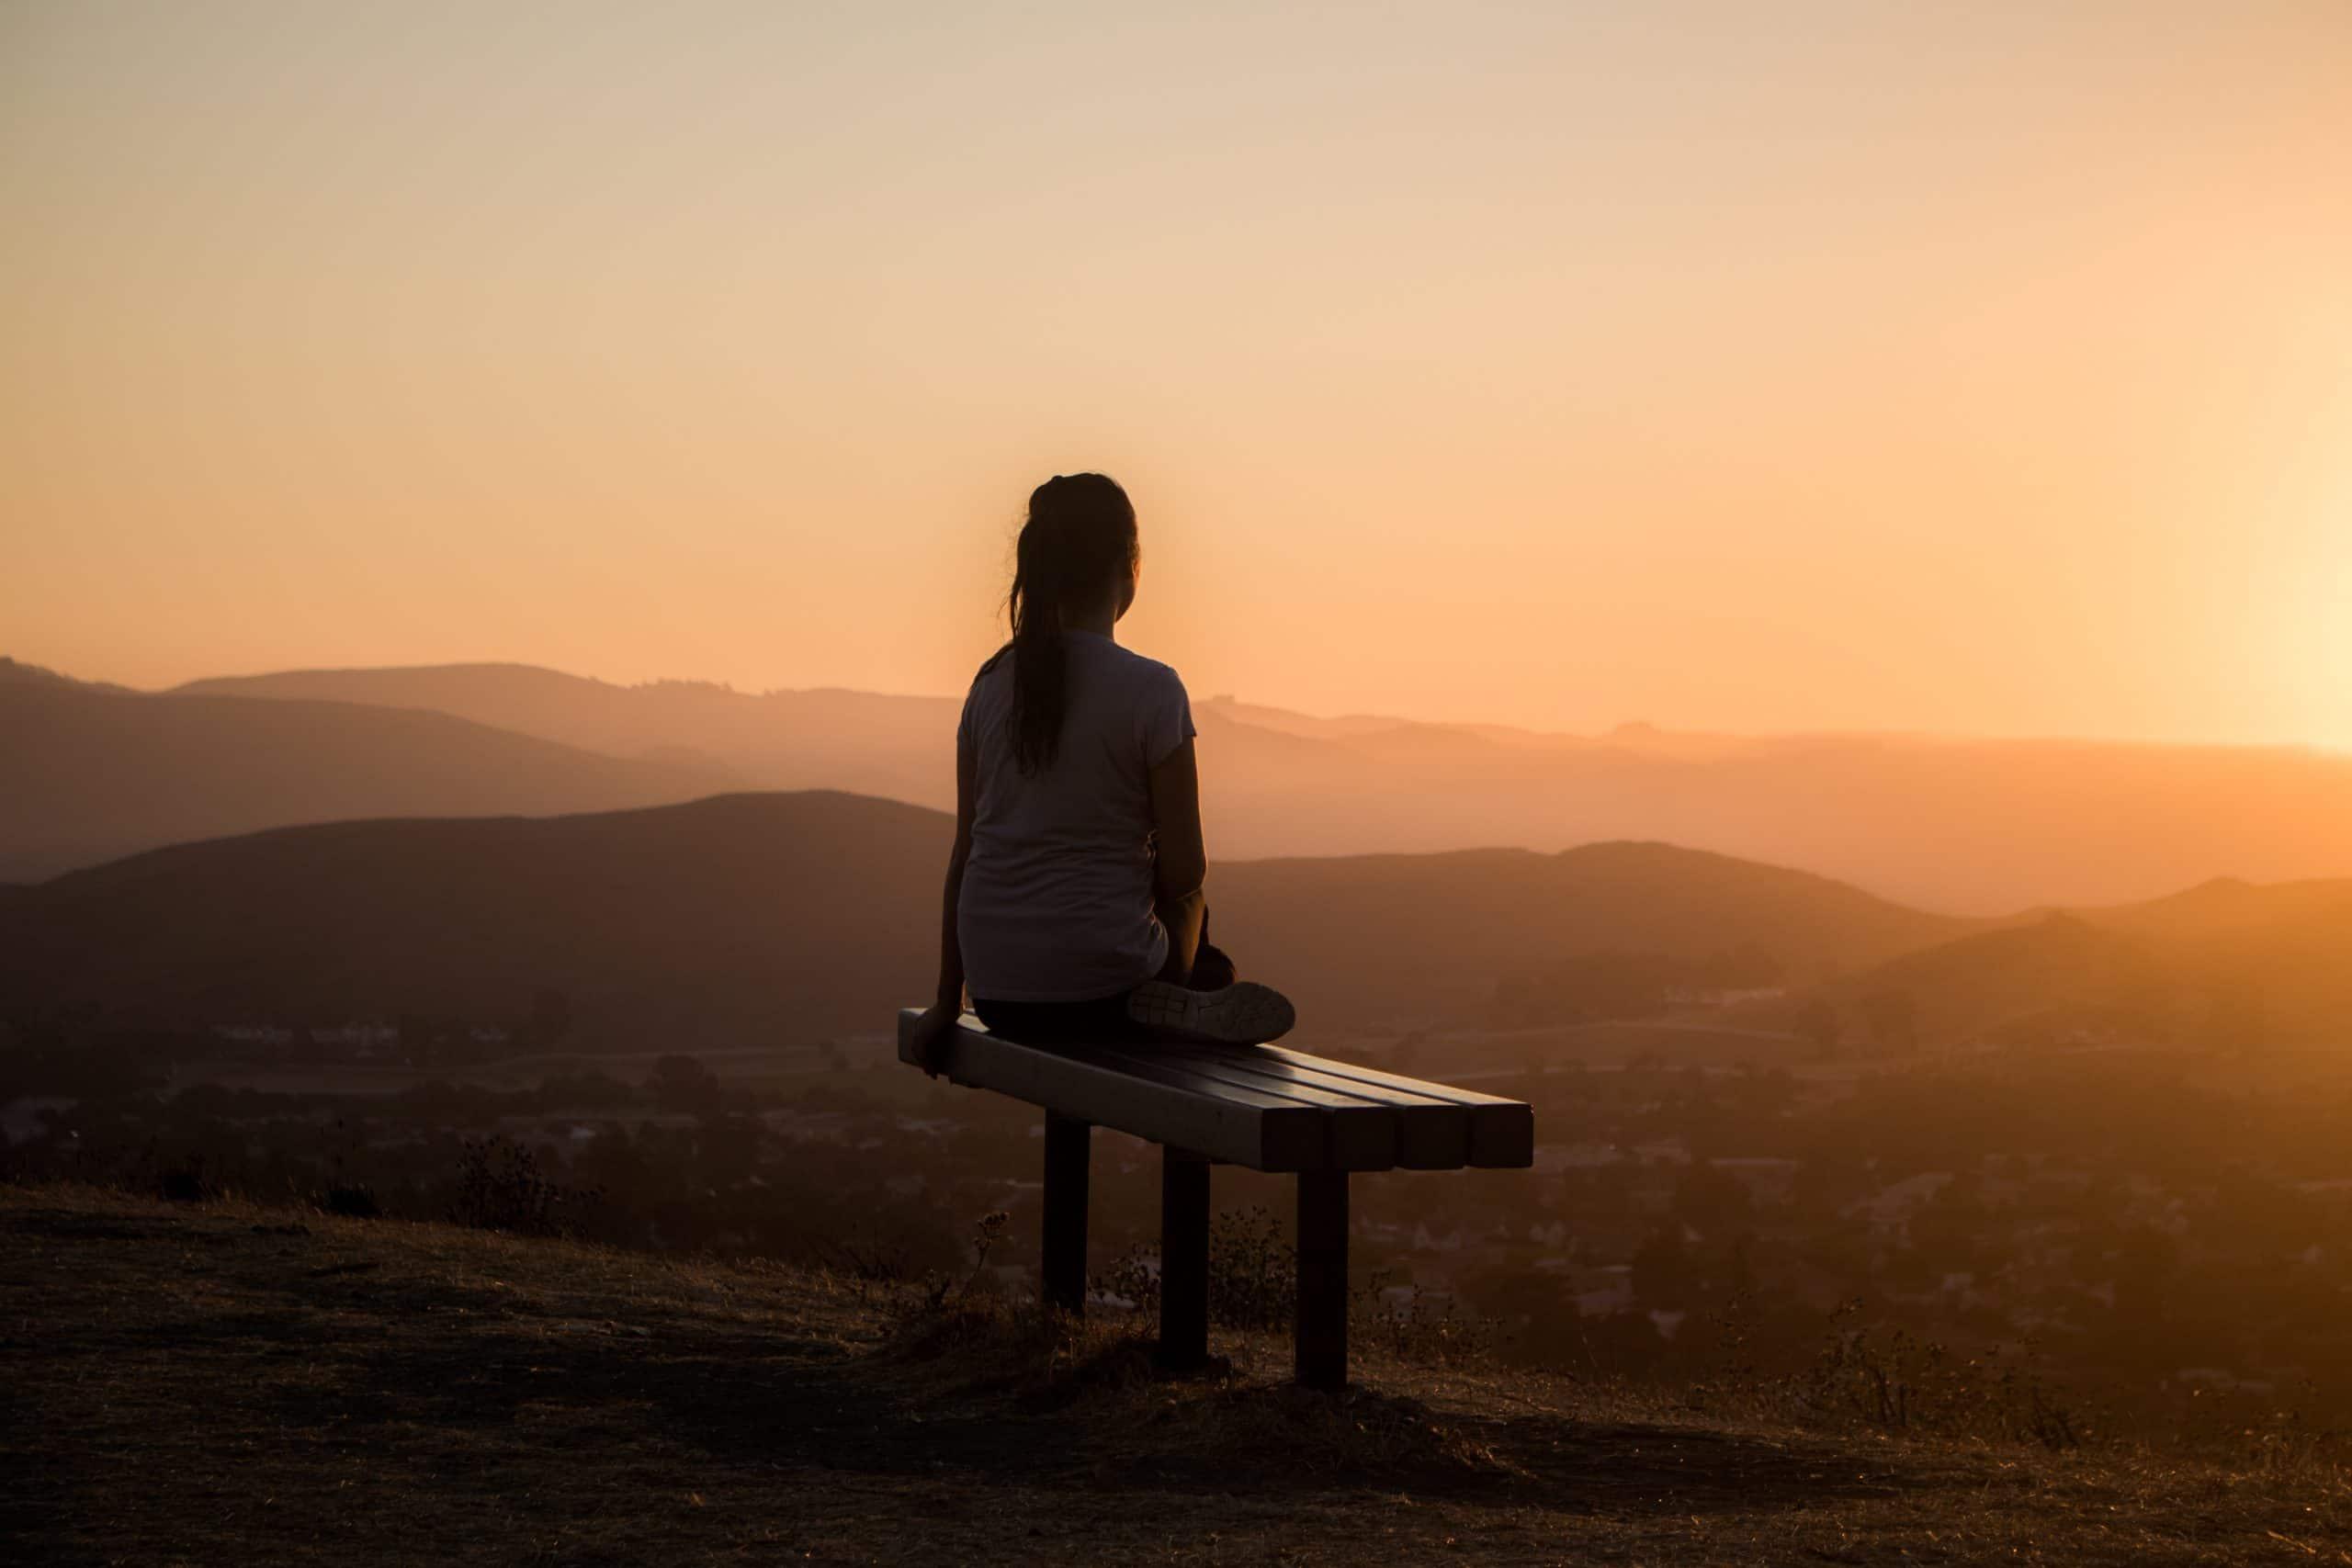 Mulher de costas sentada em banco olhando o sol se pôr